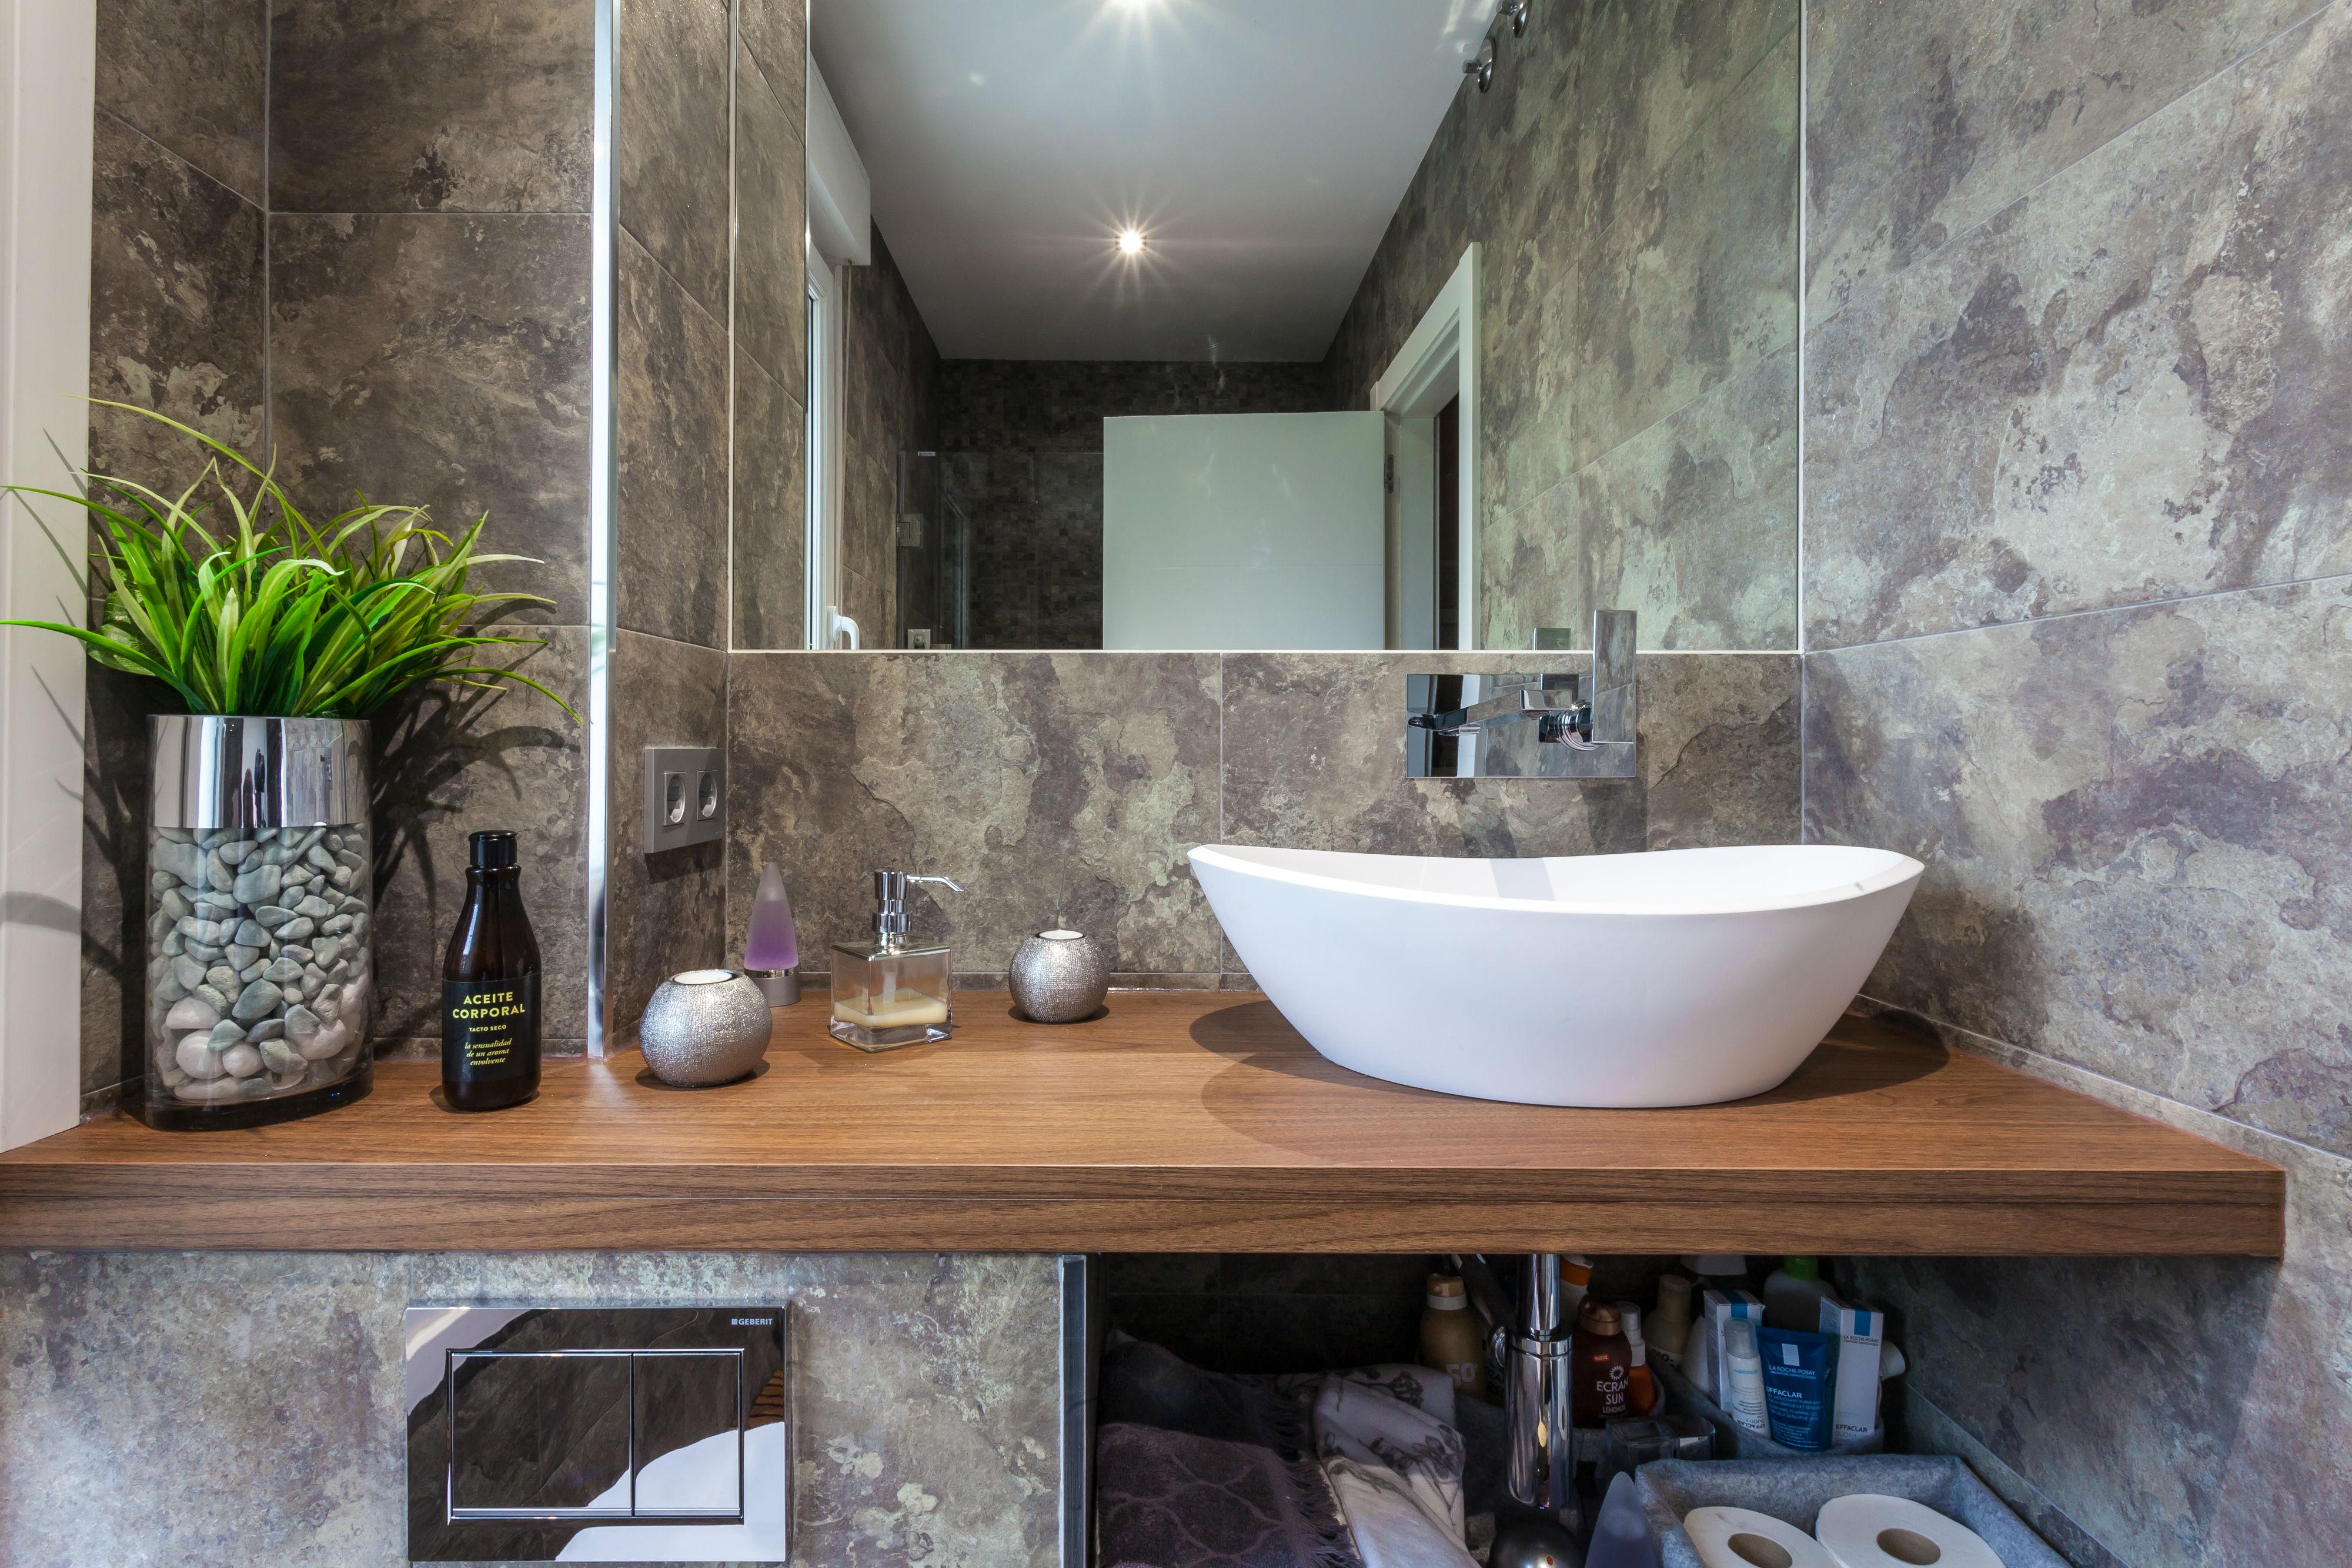 Reforma integral del baño del pasillo en una vivienda bifamiliar ubicada en Galdakao